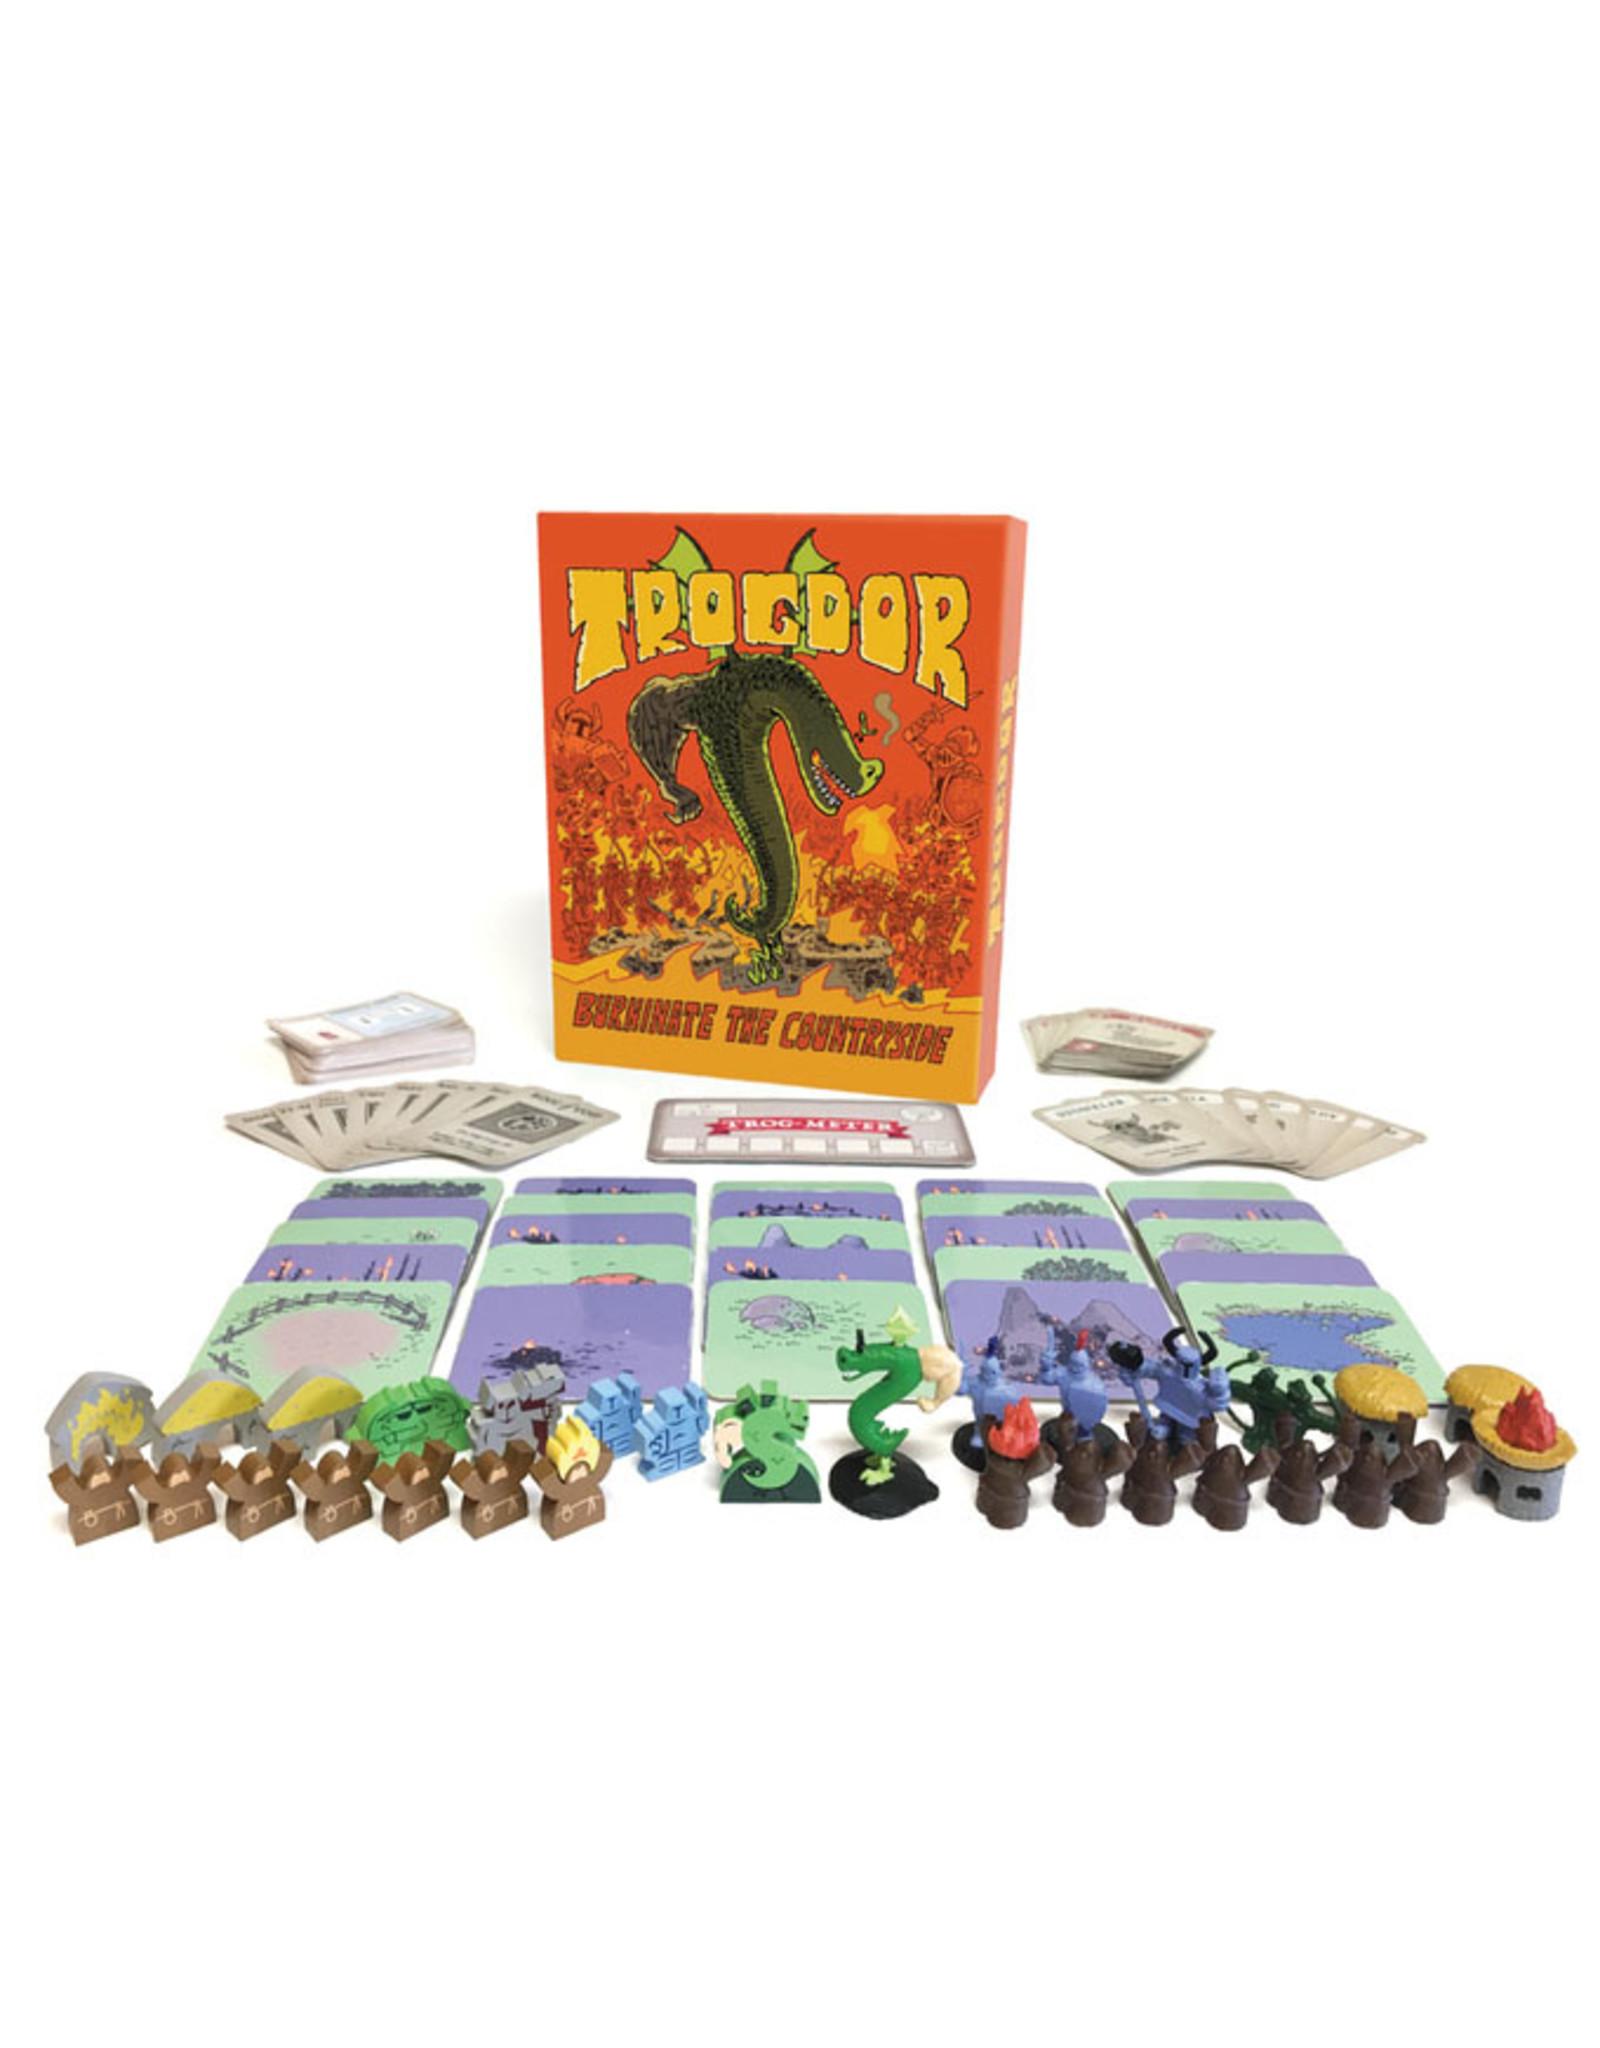 Trogdor!: The Board Game!